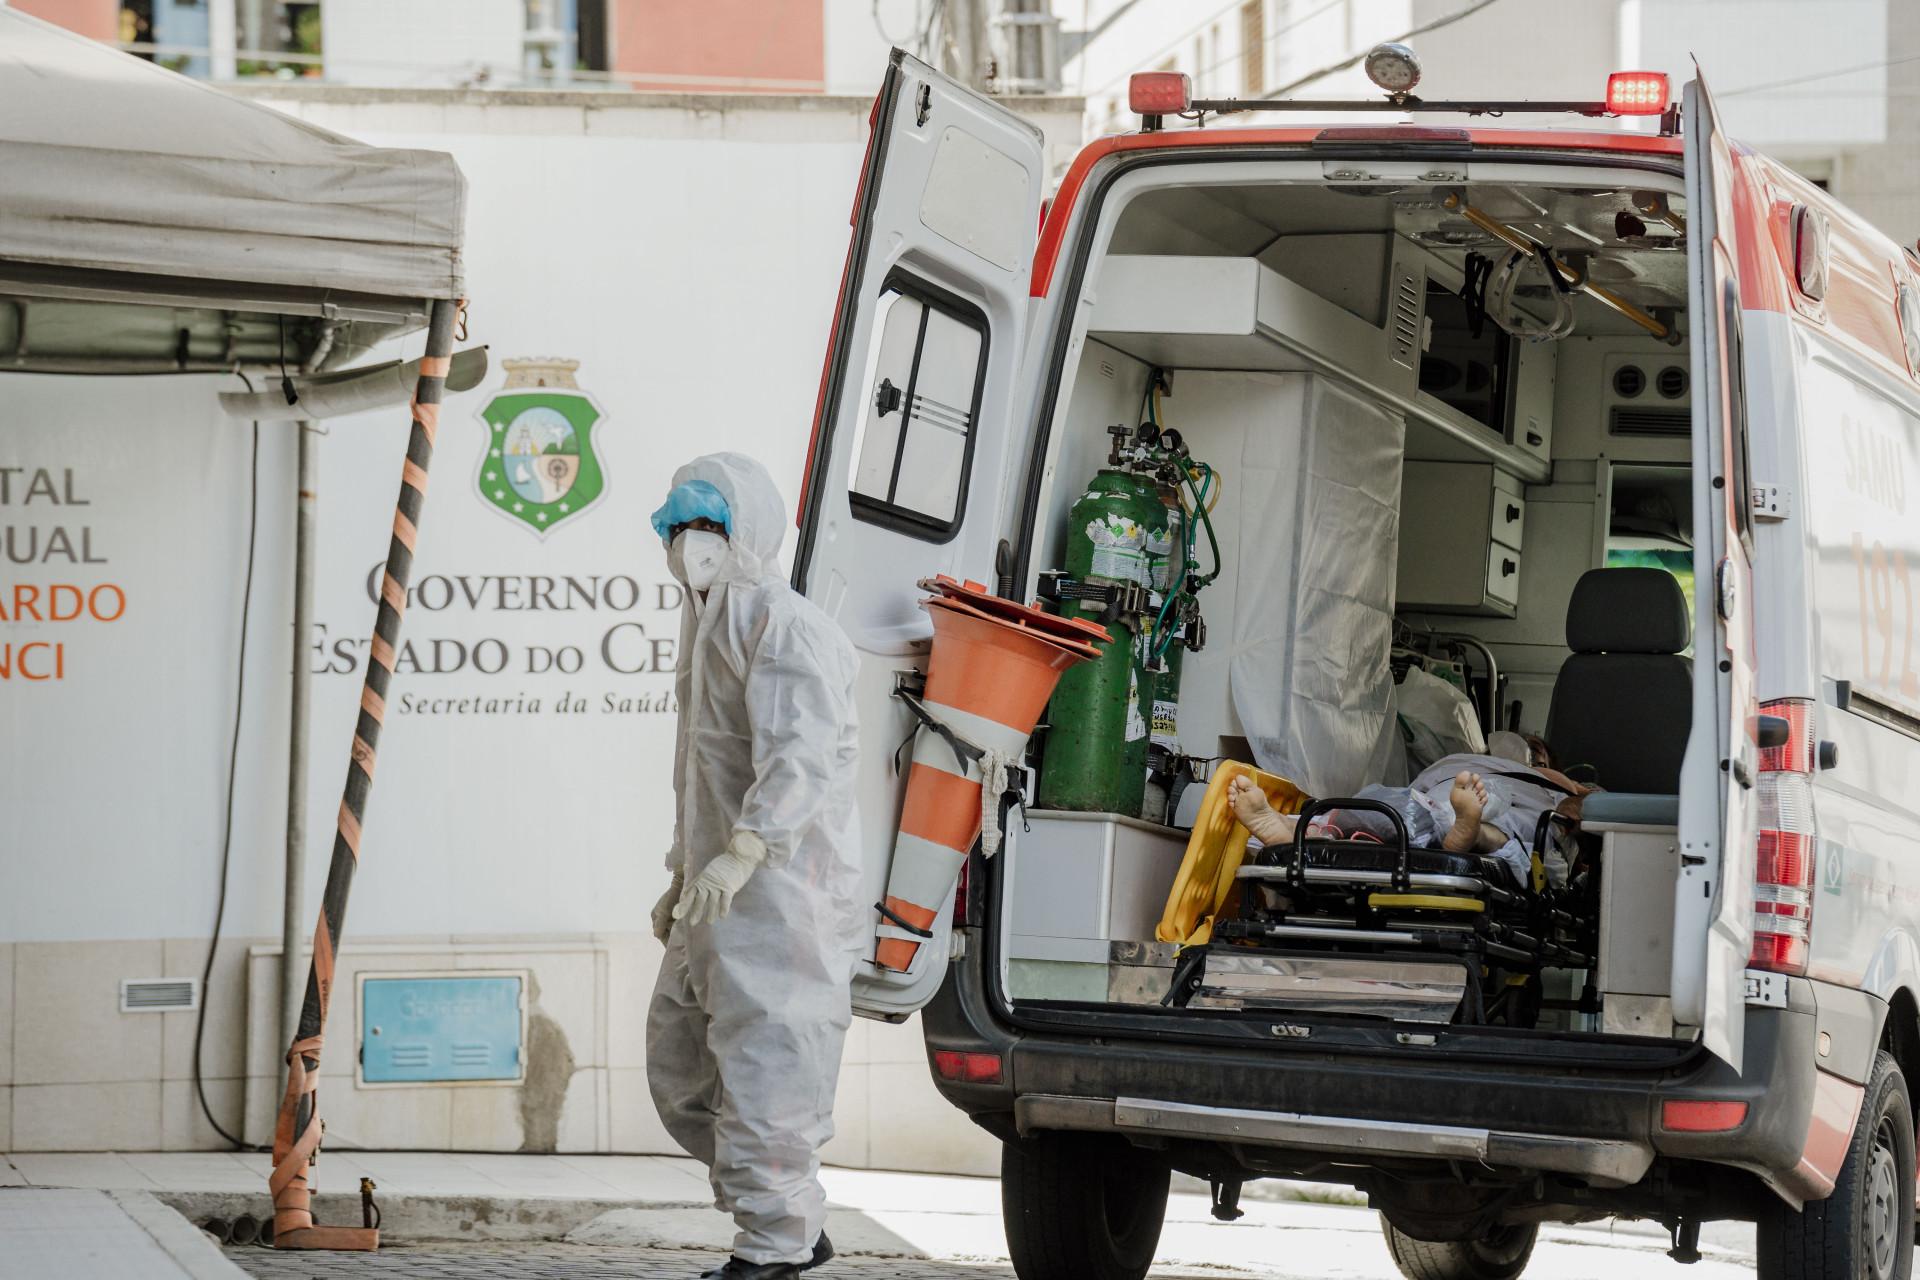 Nenhuma morte ocorreu nas últimas 24 horas no Estado (Foto: JÚLIO CAESAR)